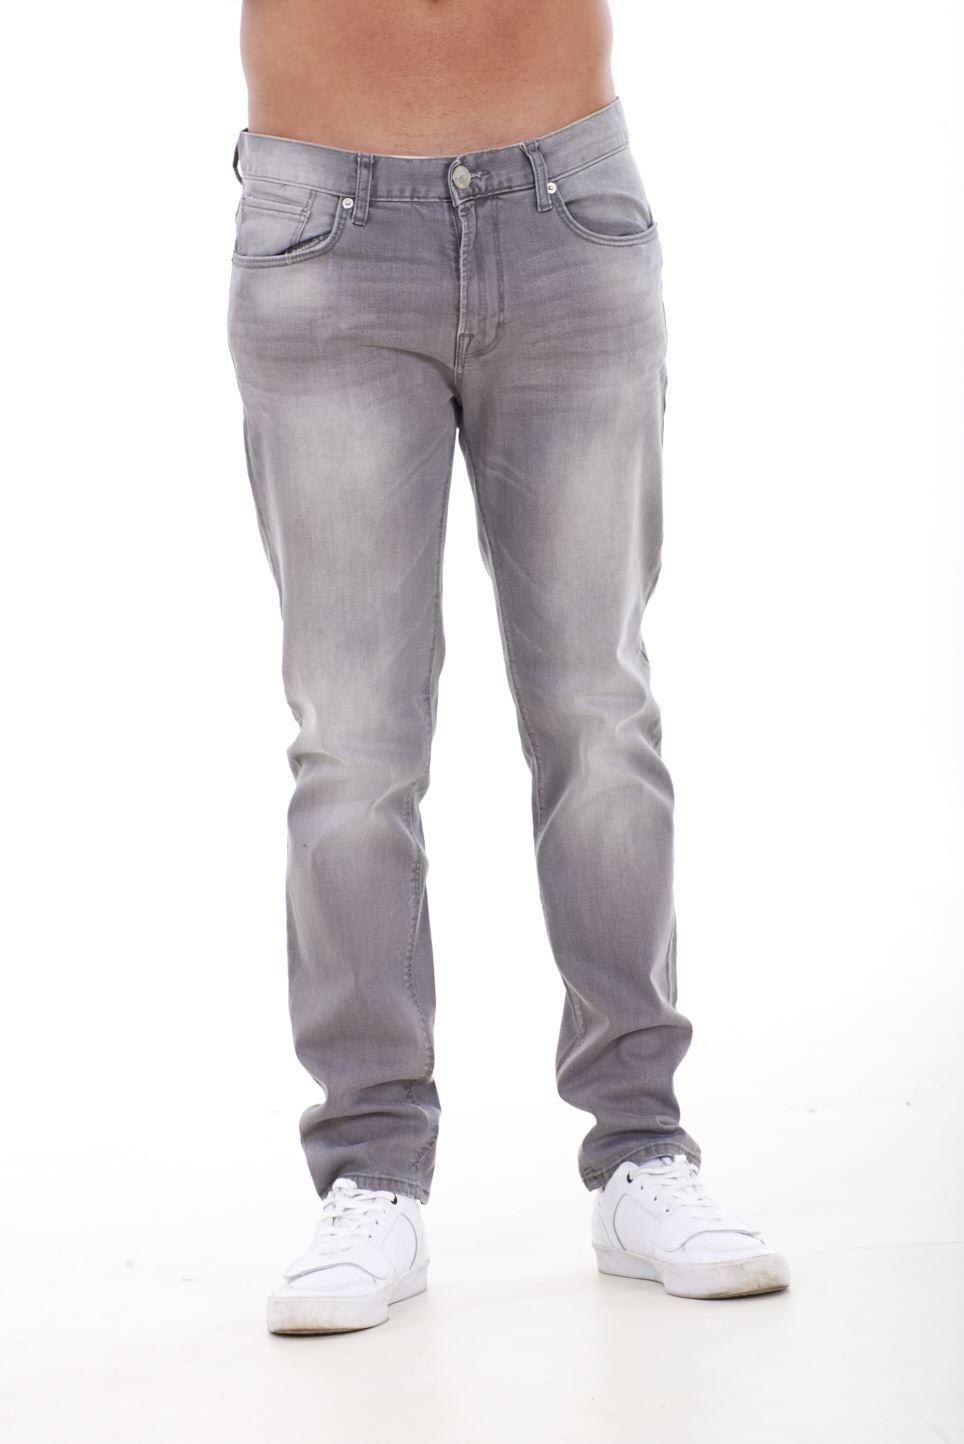 NUOVA-Linea-Uomo-Ragazzi-Slim-Fit-Stretch-Qualita-Jeans-Regolare-Pantaloni-con-marchio-SMART-30-40 miniatura 9